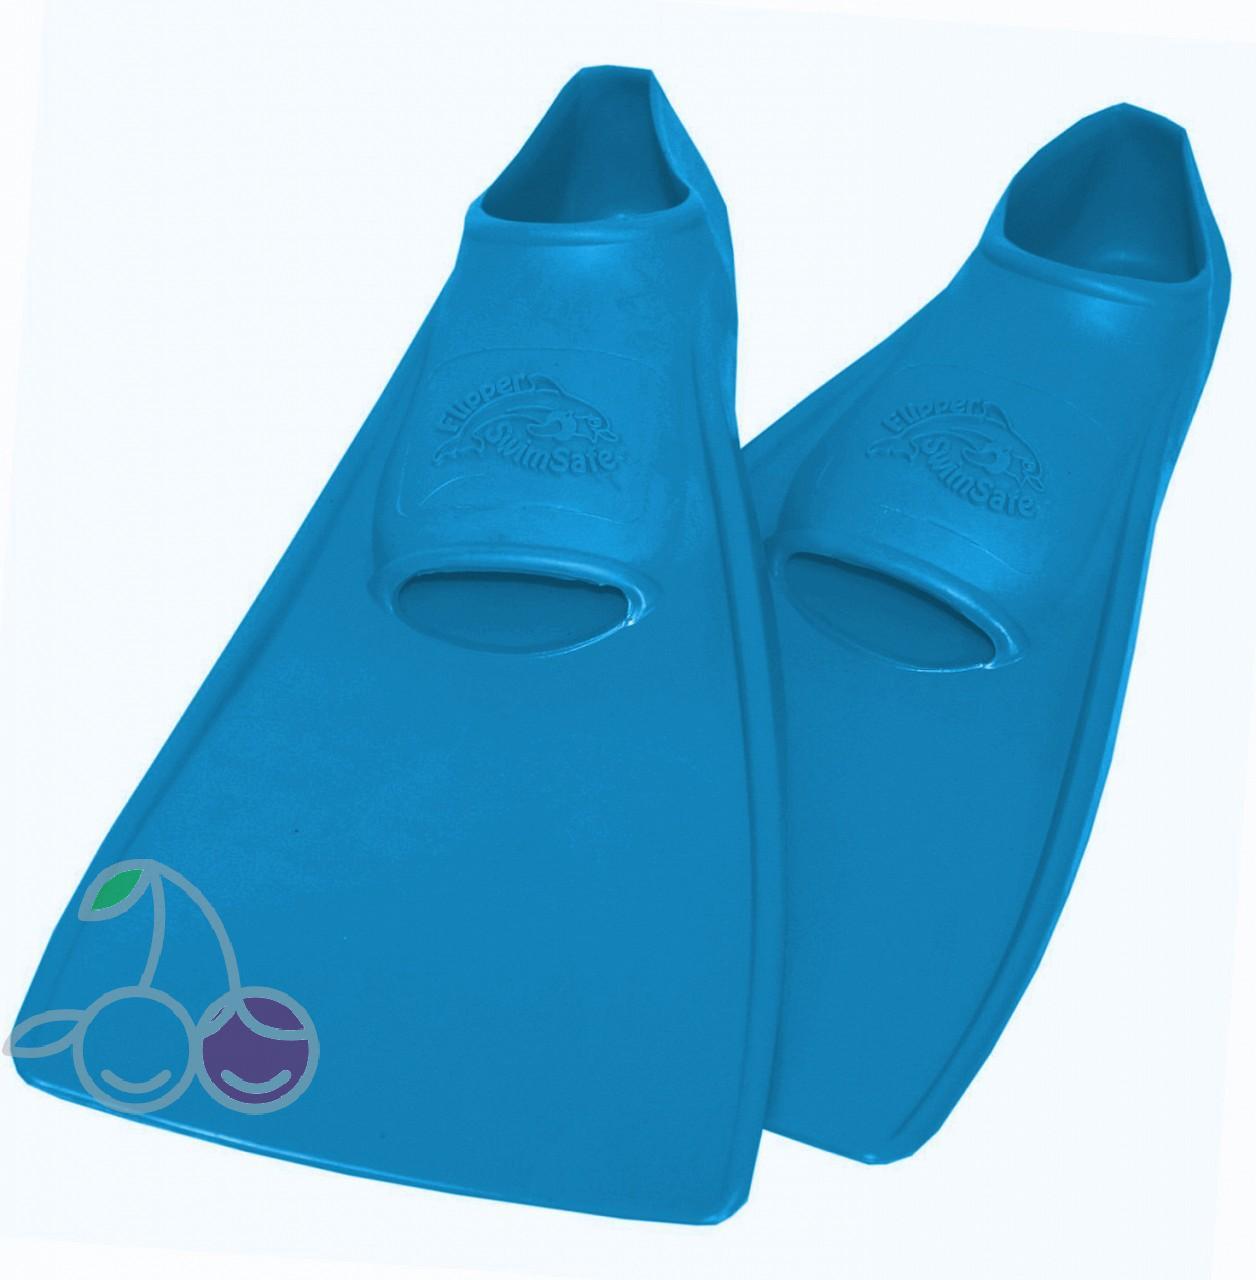 Ласты для бассейна резиновые детские размеры 30-33 синие СВИМСЕЙФ (SwimSafe) Германия, - фото 1